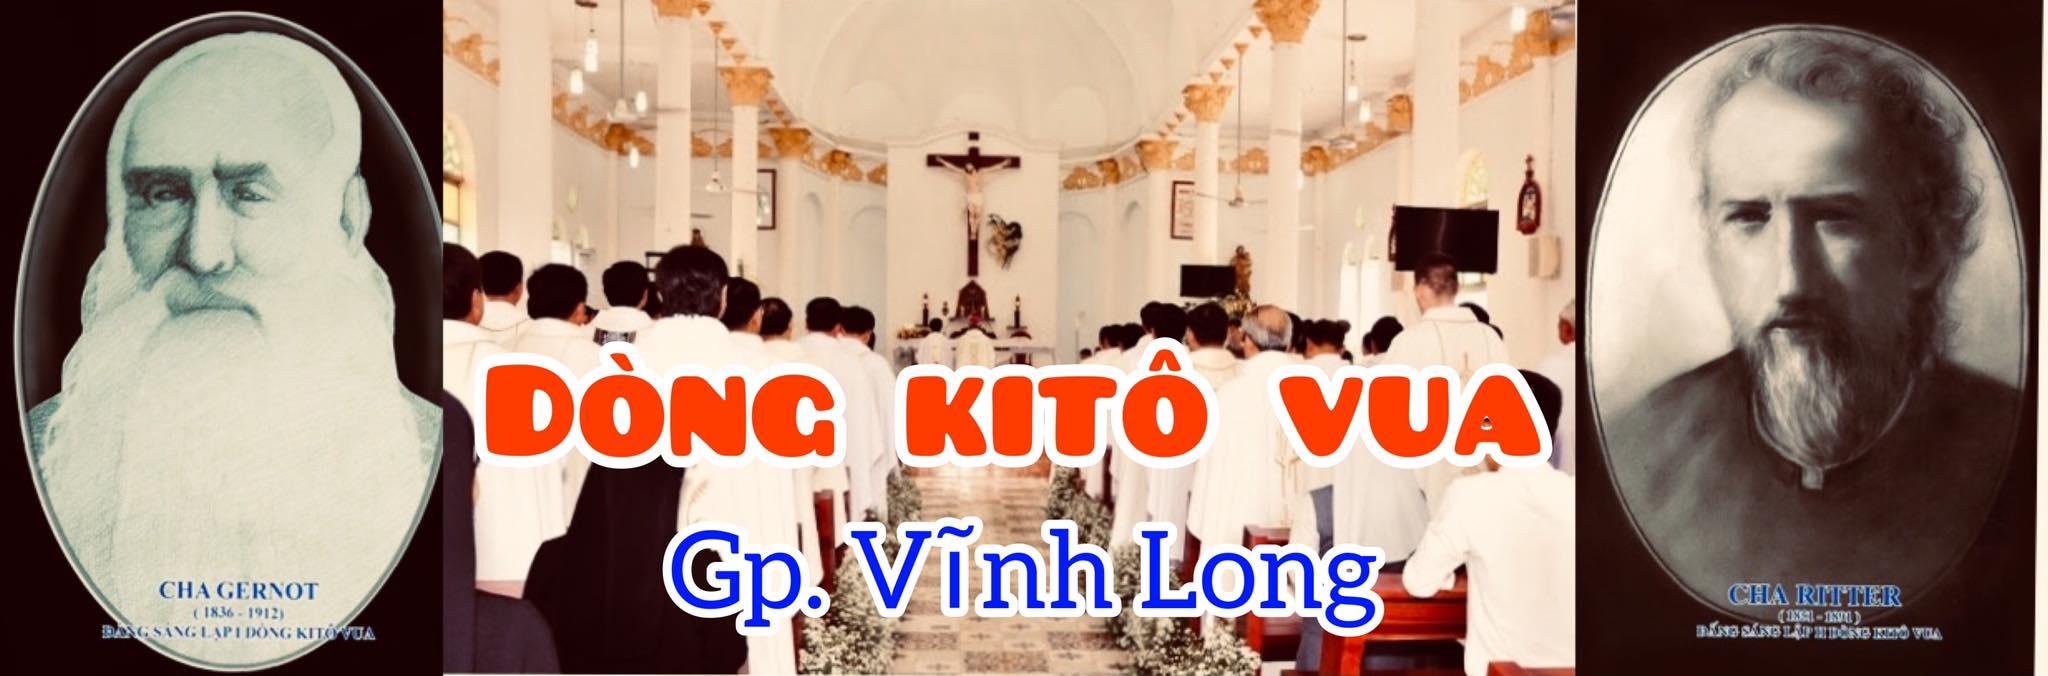 ..:: Dòng Kitô Vua - Giáo phận Vĩnh Long ::..